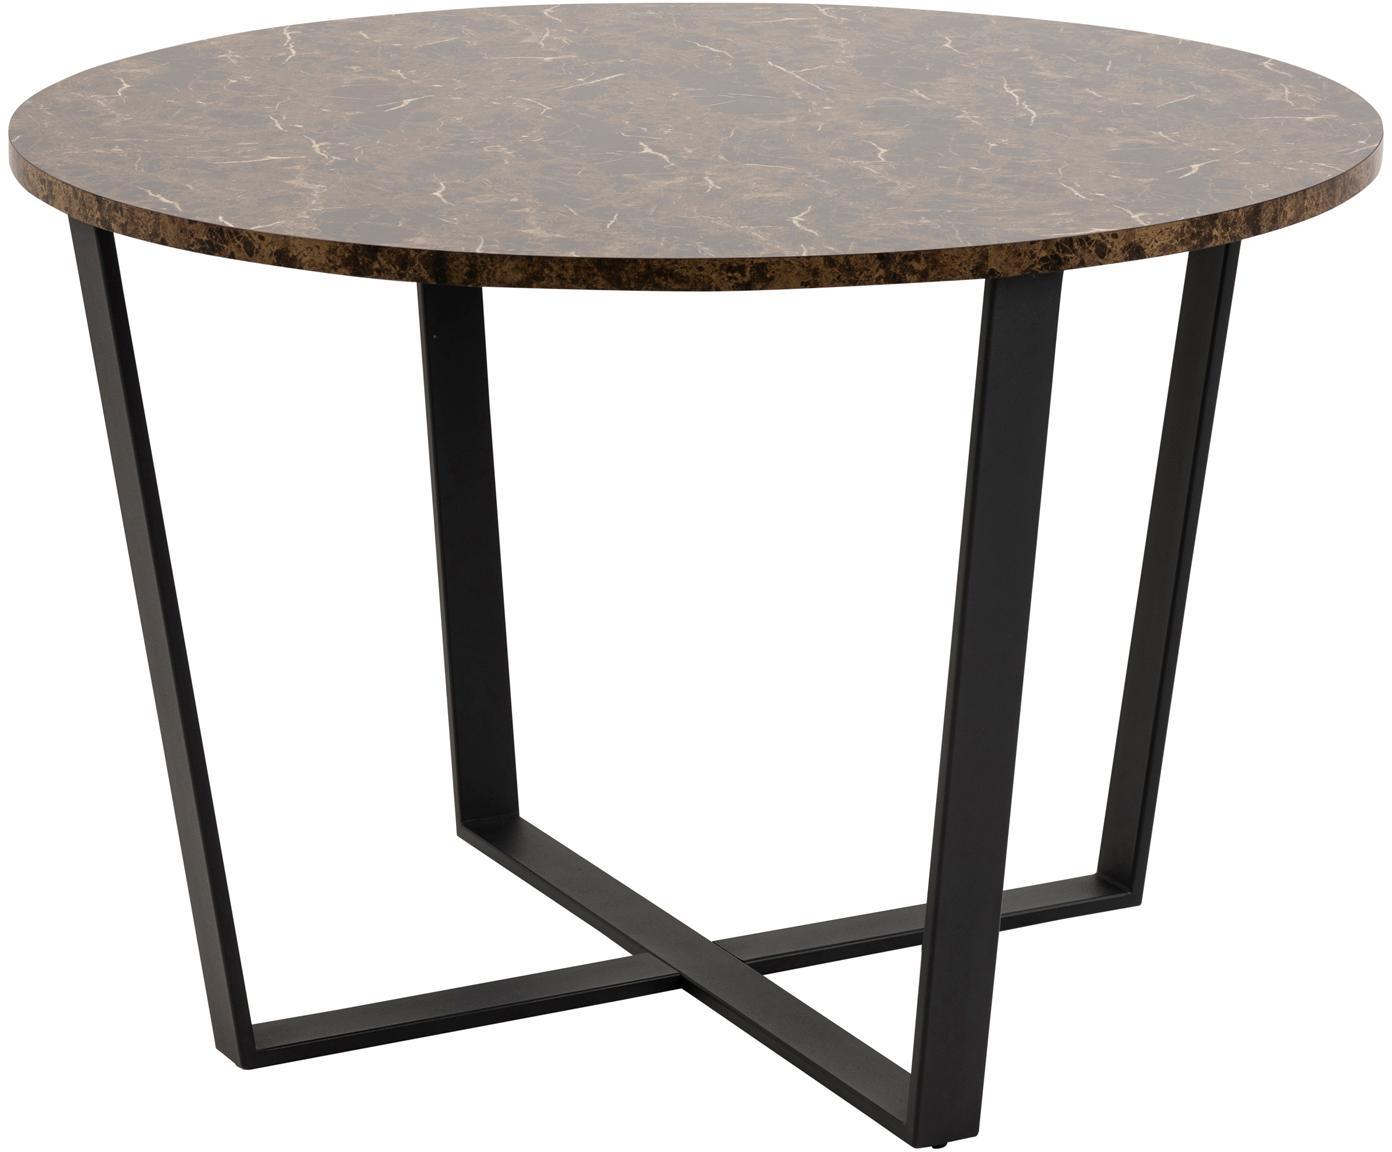 Mesa de comedor en aspecto mármol Amble, Tablero: tablero de fibras de dens, Patas: metal con pintura en polv, Mármol marrón, negro, Ø 110 x Al 75 cm